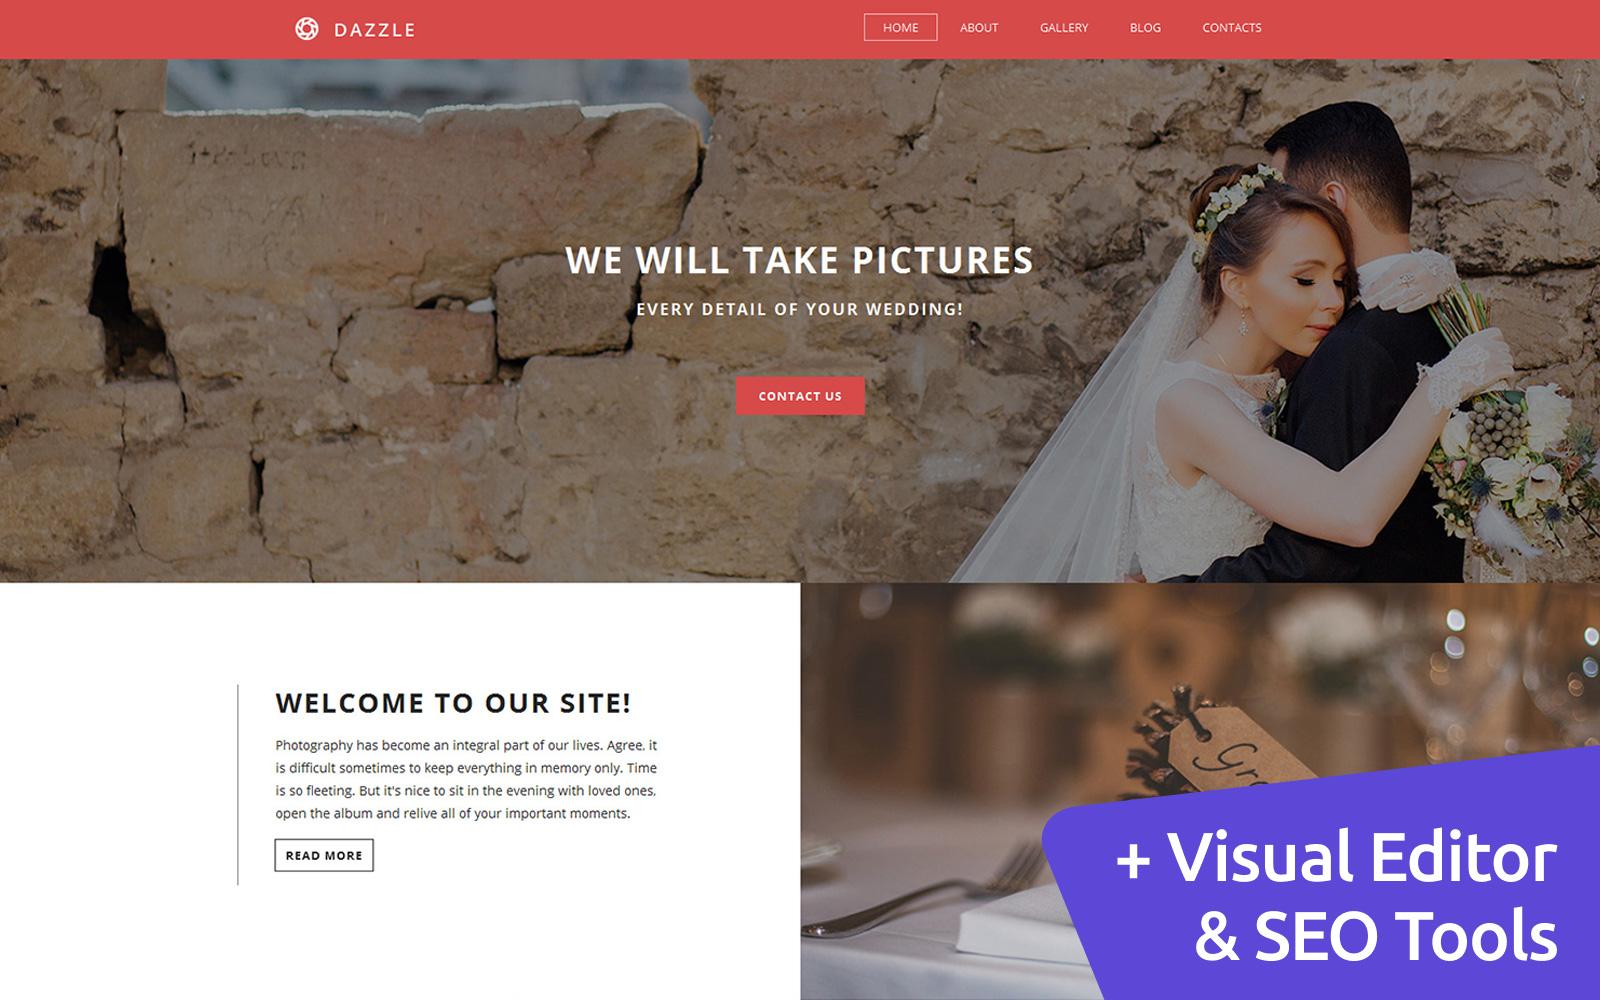 Reszponzív Wedding Photo Gallery Fényképgaléria sablon 56011